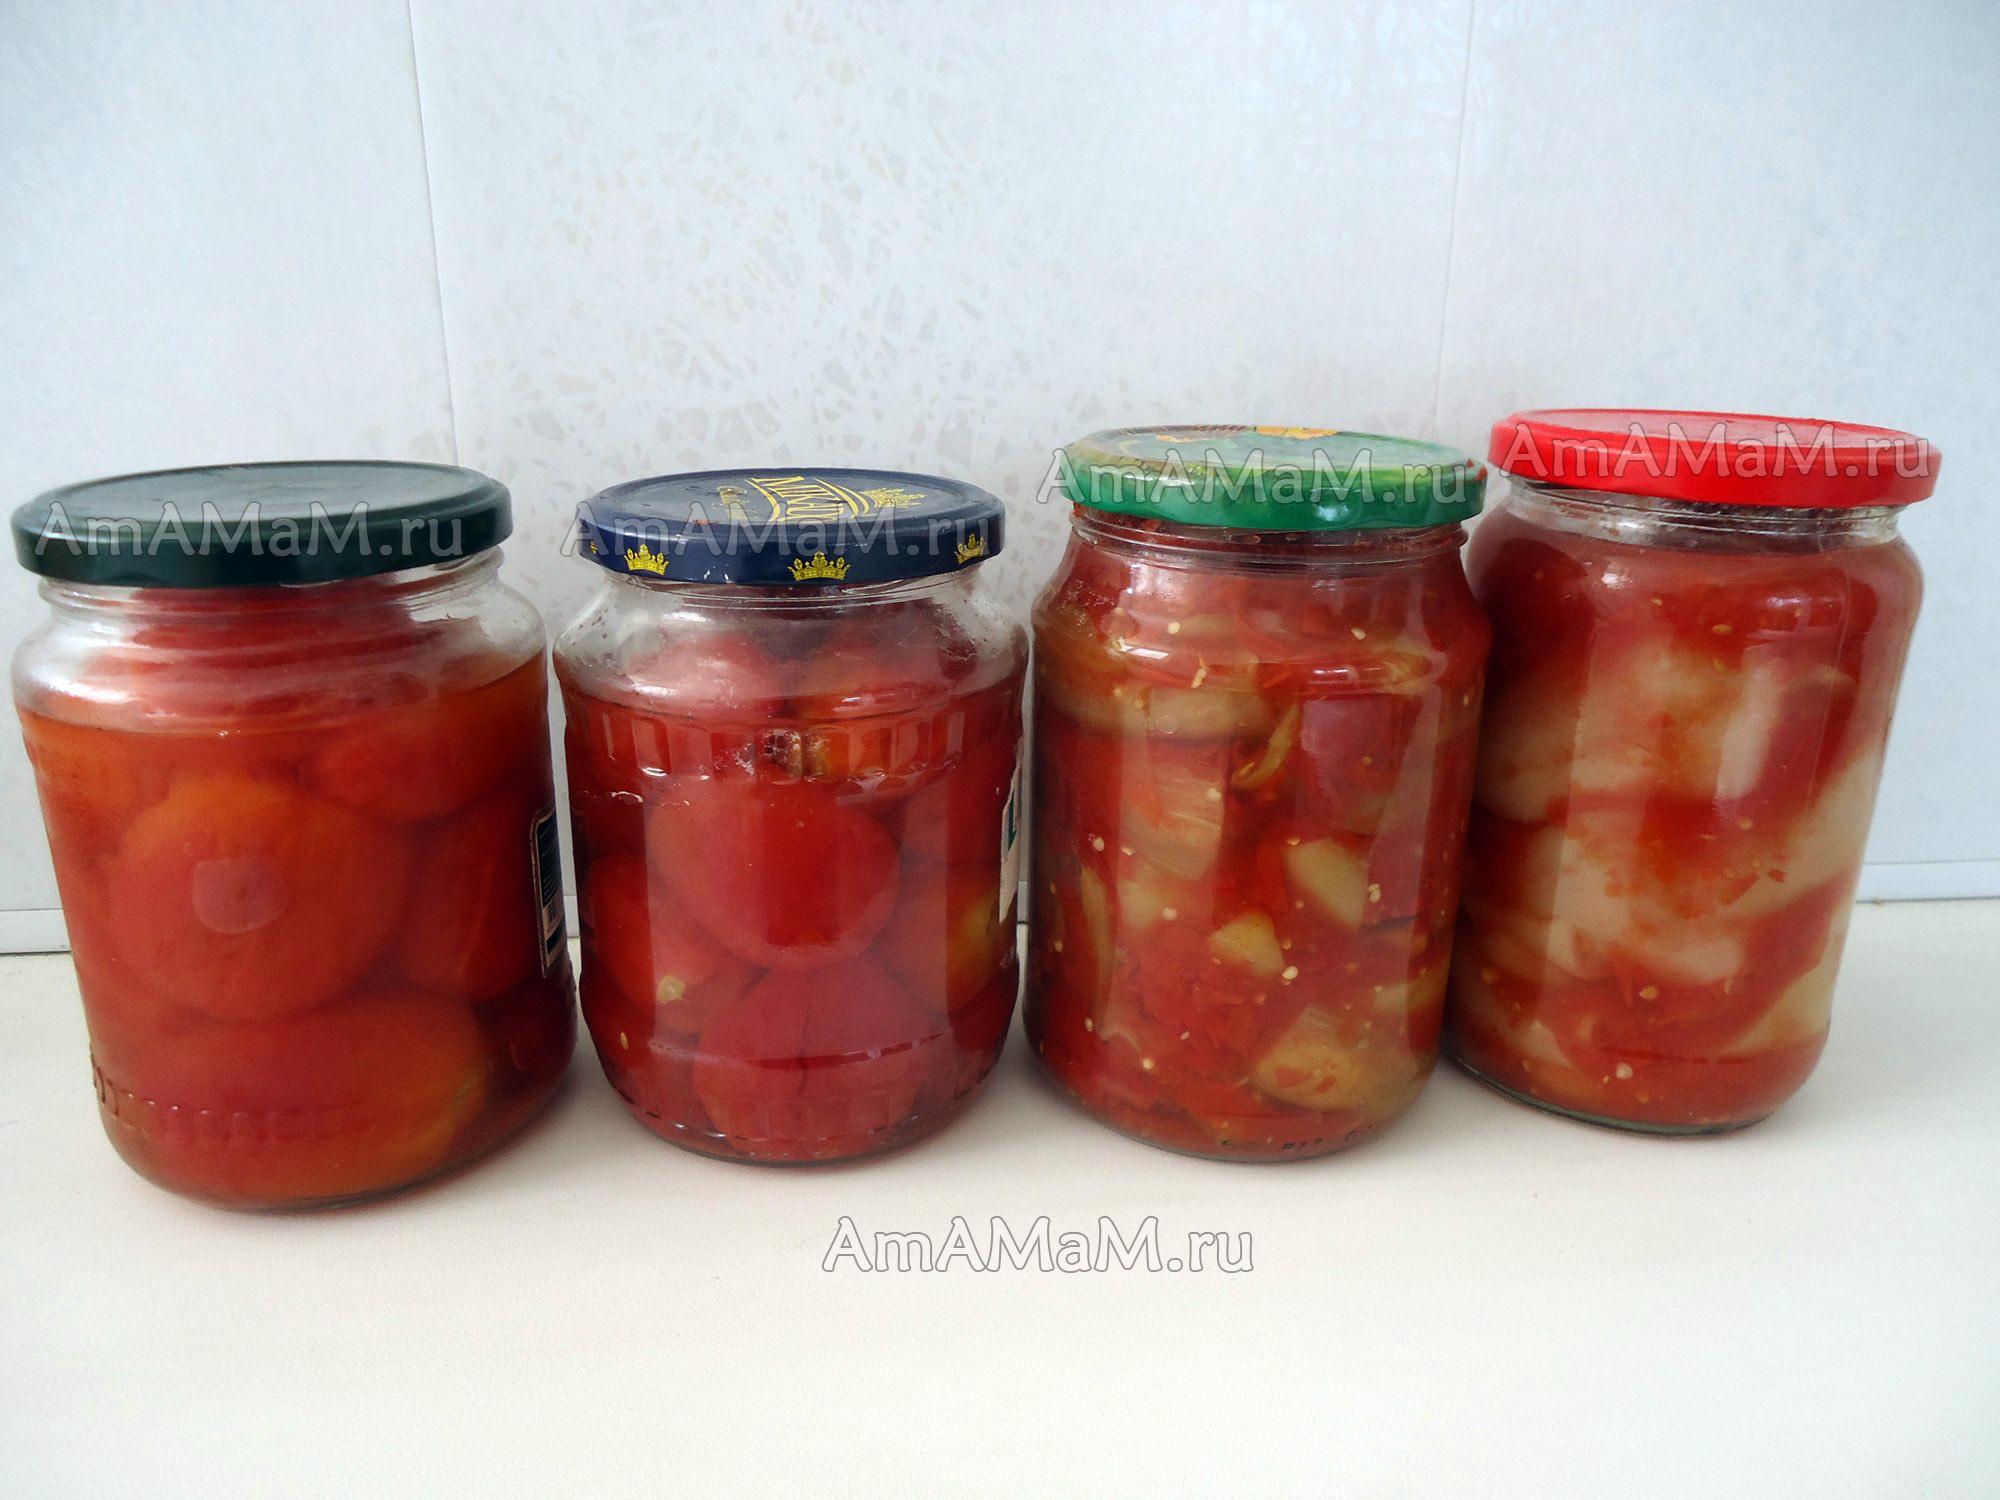 Баклажаны в томате и помидоры консервированные - рецепты